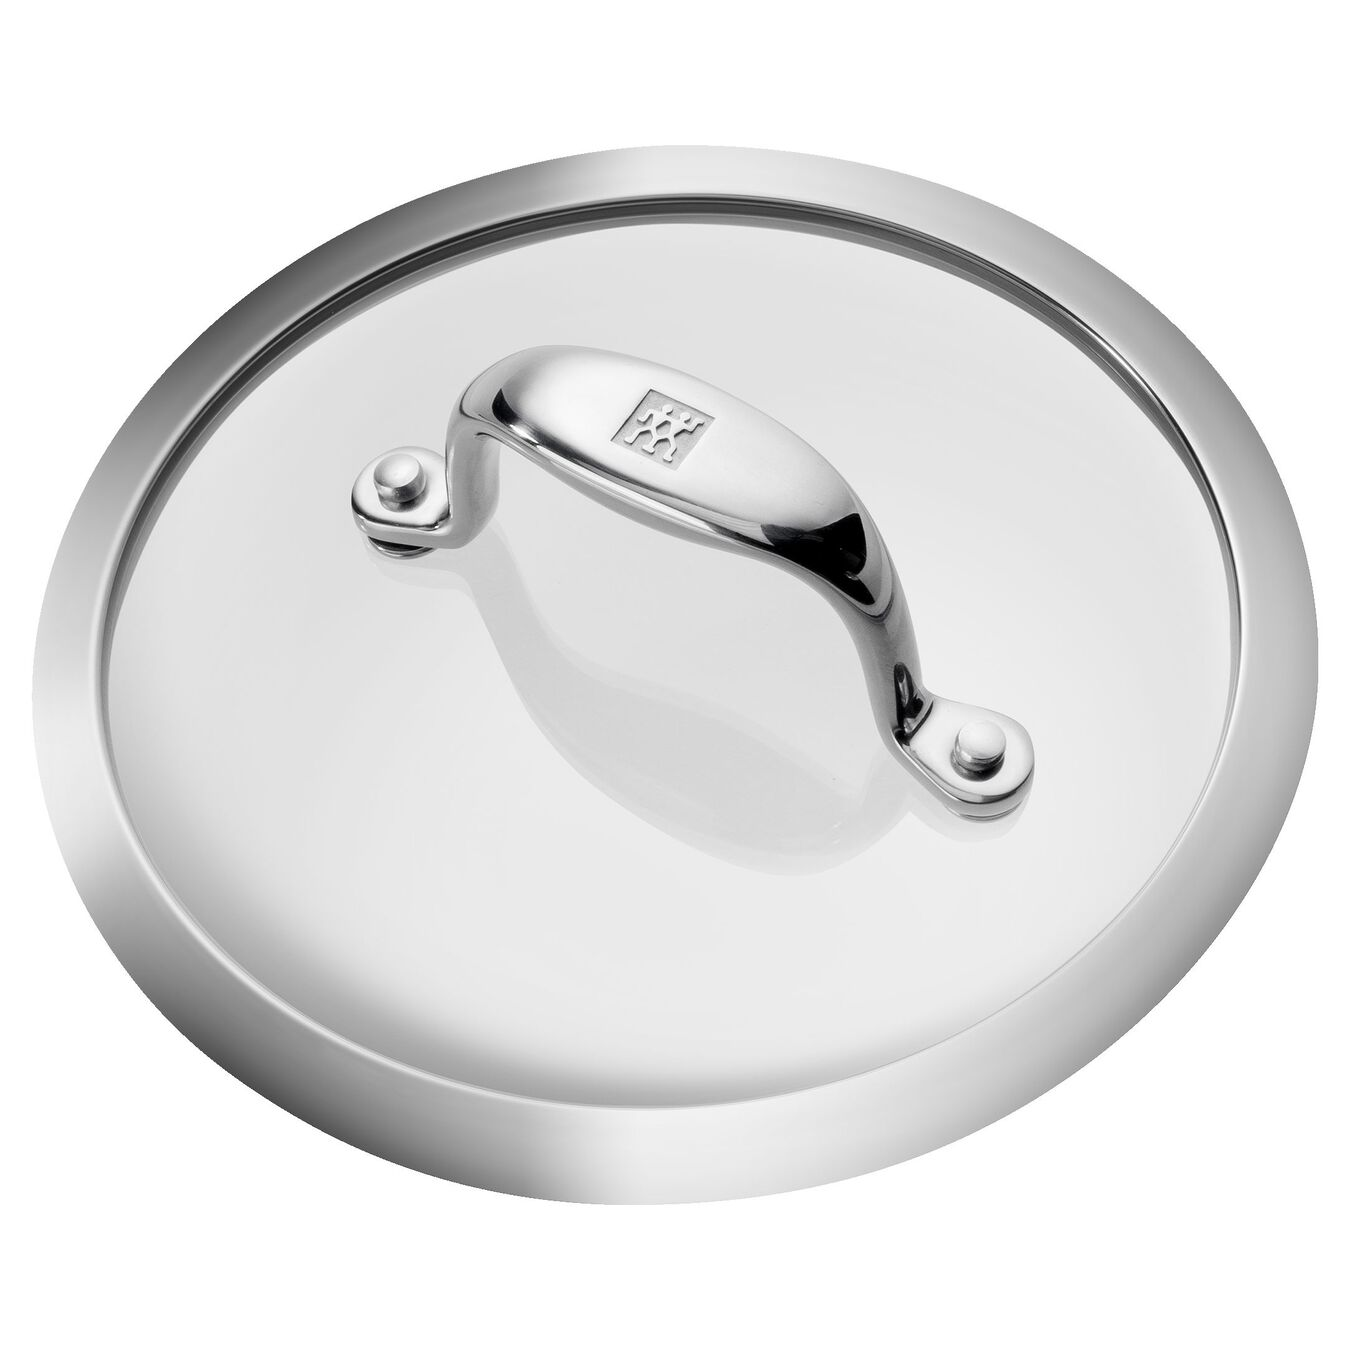 Stieltopf 16 cm, Aluminium, Schwarz,,large 6